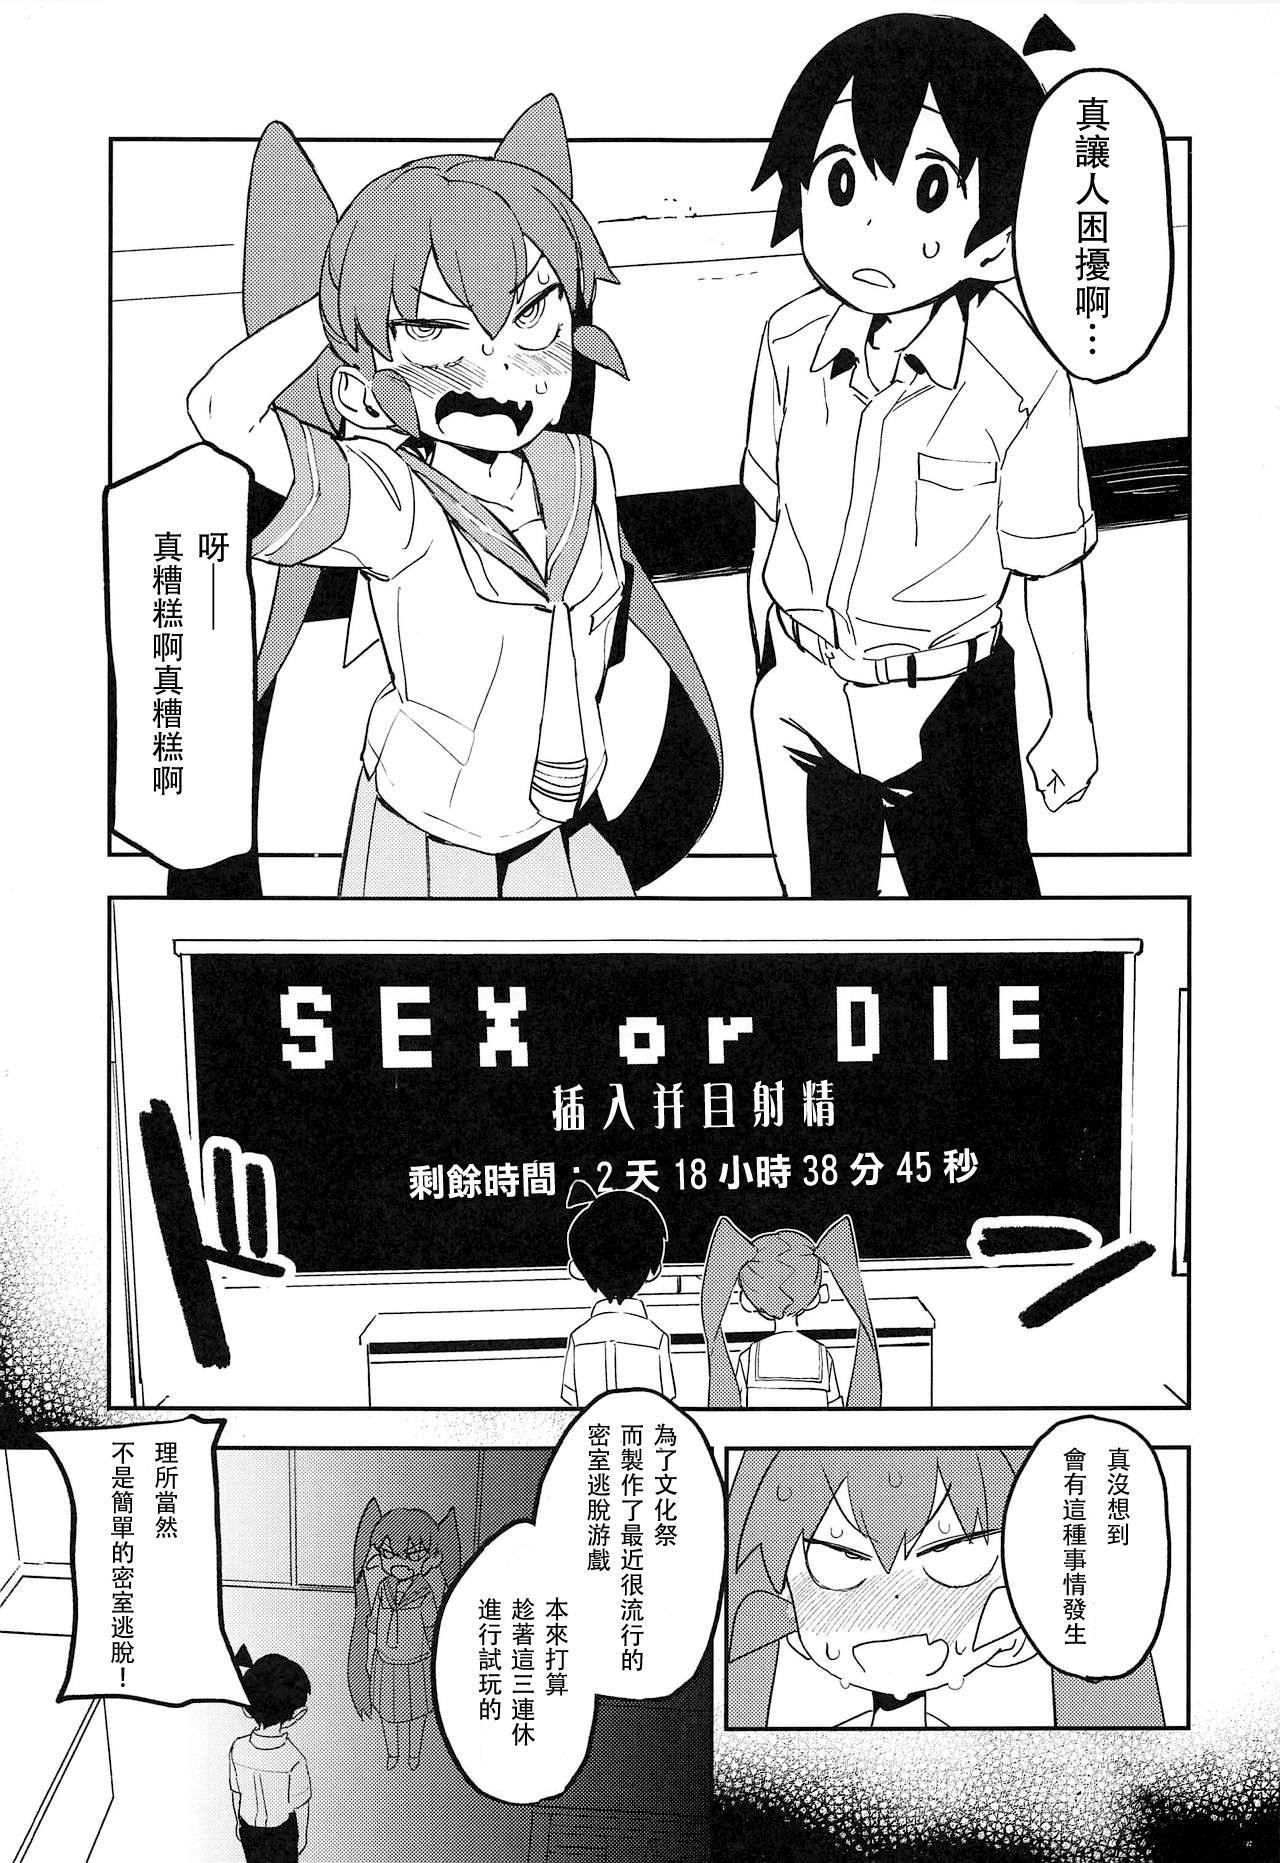 Ueno-san wa Iresasetai! 丨上野想讓我插個爽! 2